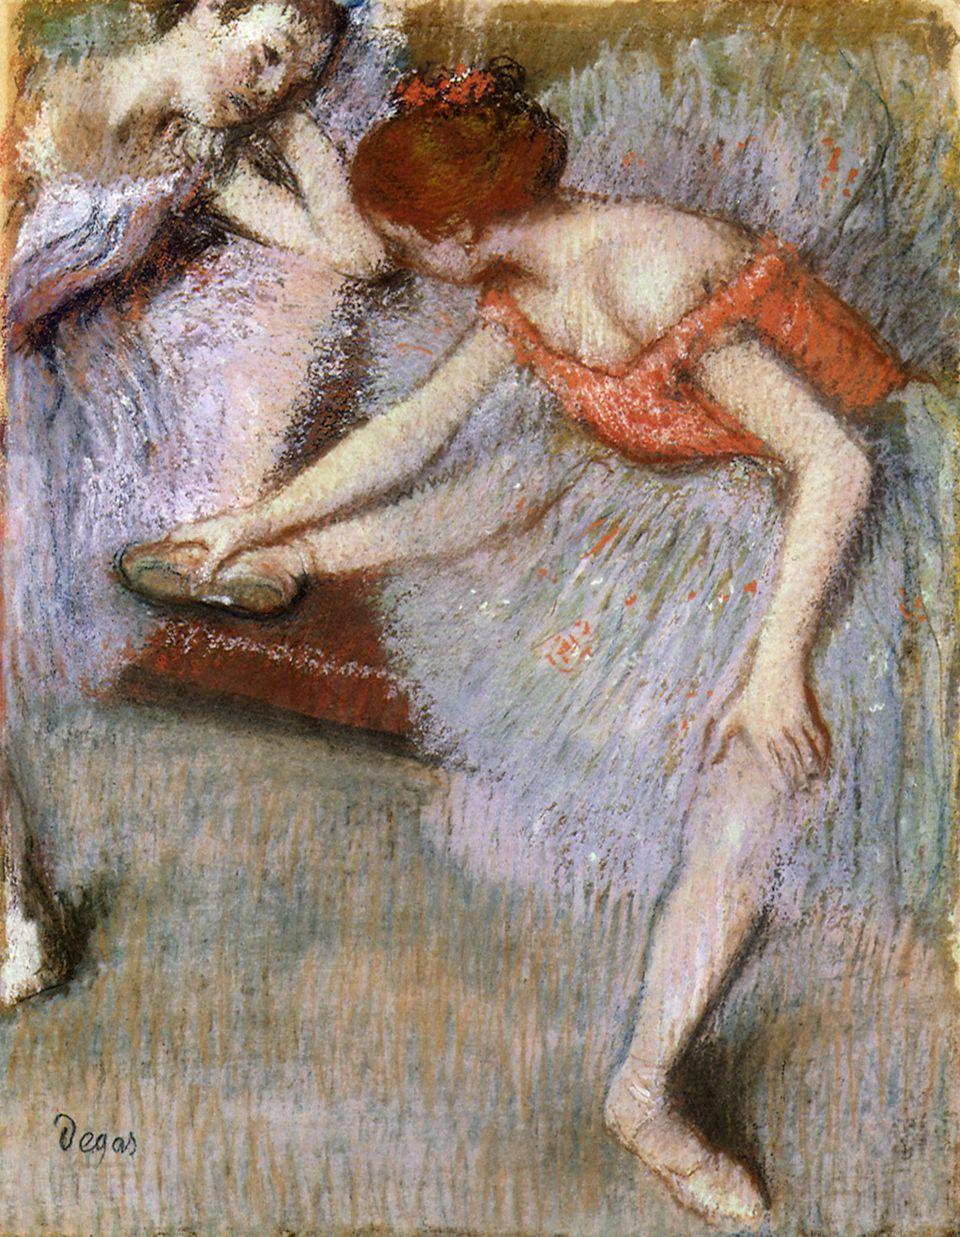 Adulto, Degas falava com poucas mulheres exceto suas empregadas domésticas. Seus amigos pensavam que...